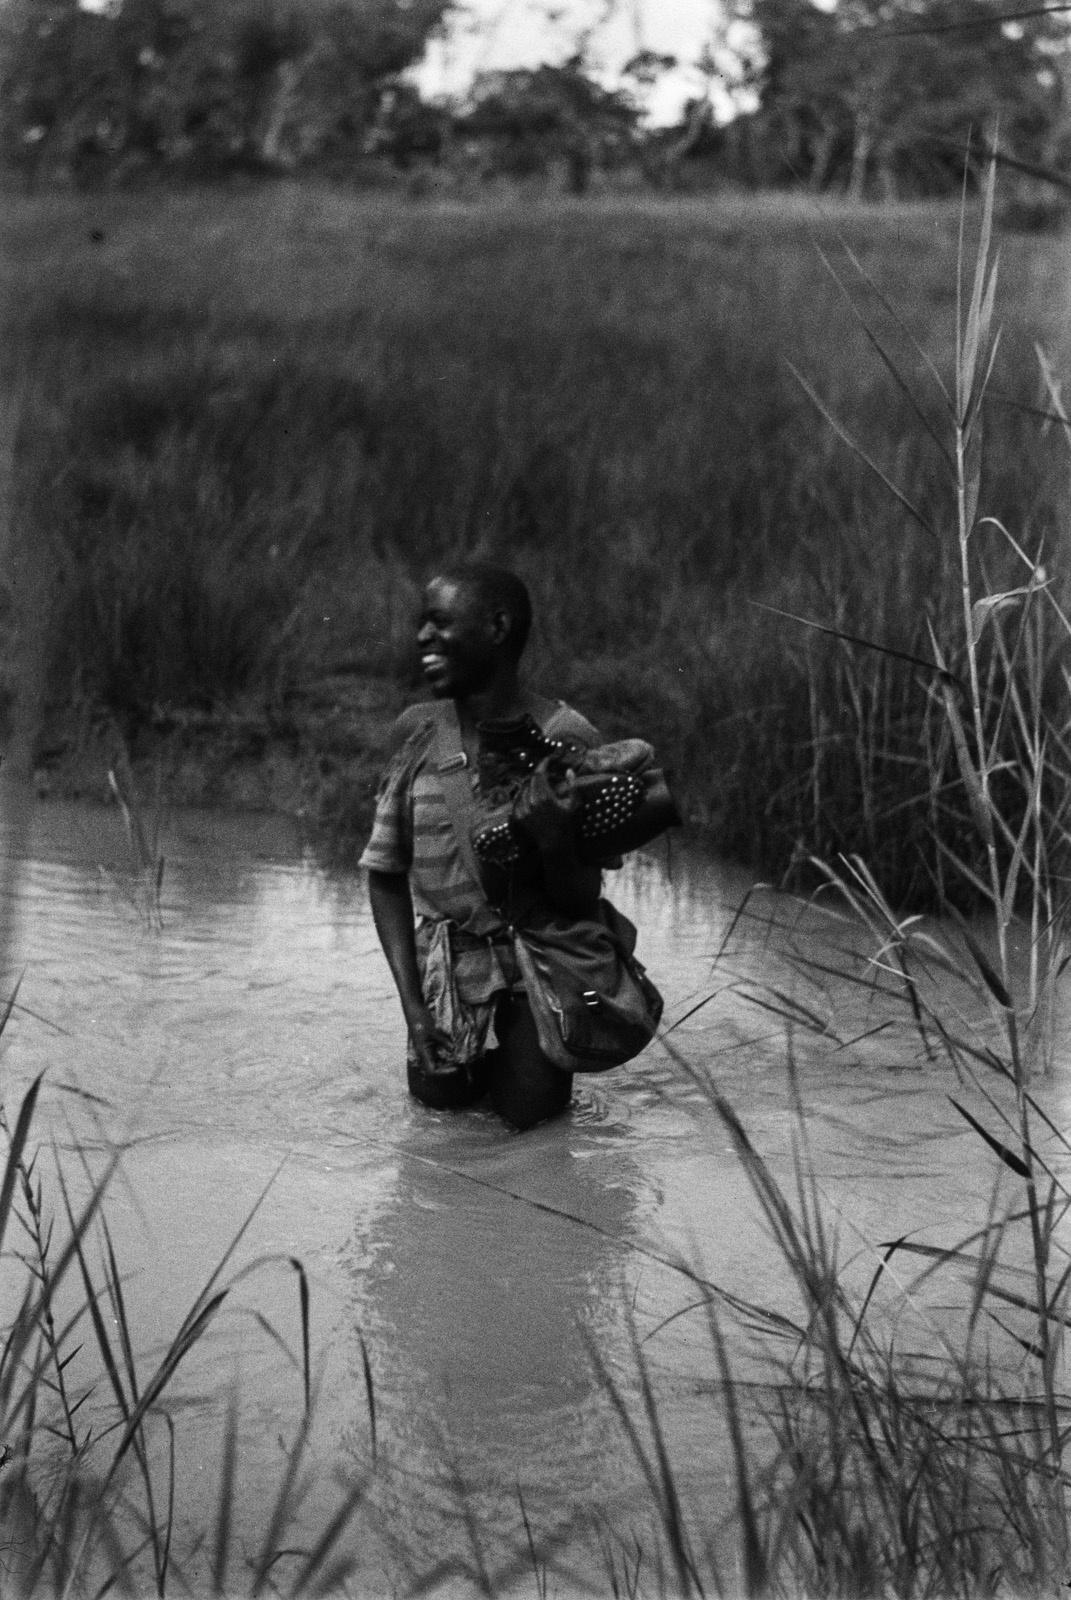 Между Капири Мпоши и рекой Лунсемфва. Человек пробирается сквозь ручей.